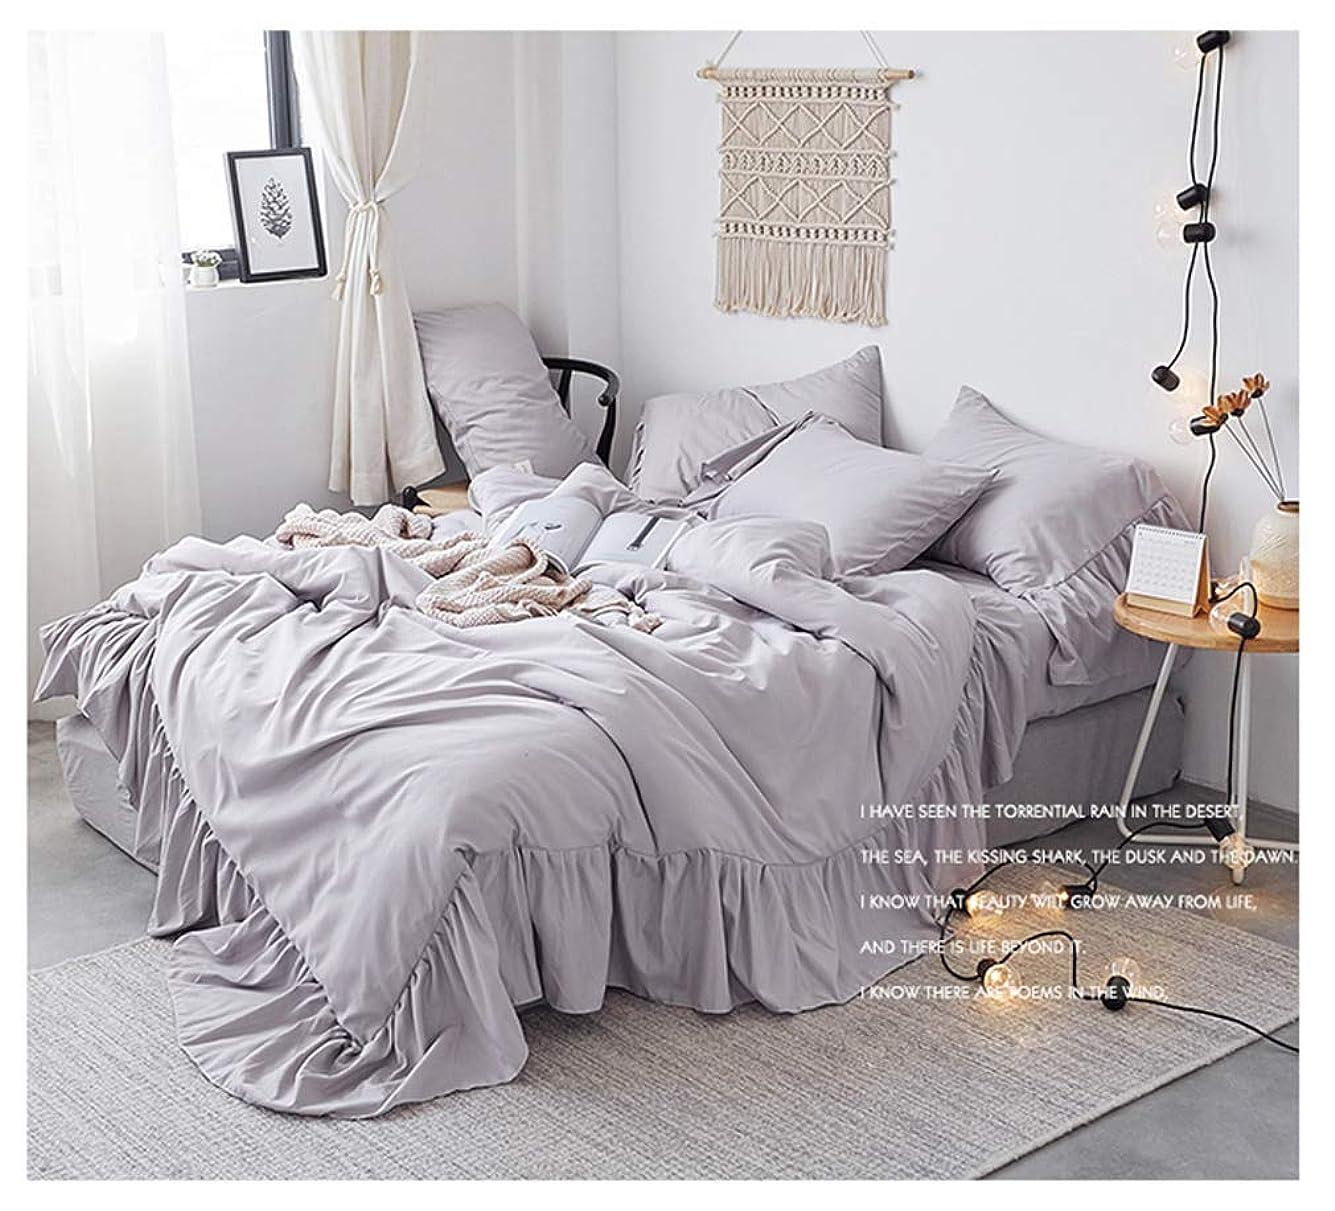 霜アミューズスカイ綿100% 姫系フリルレース模様寝具カバーセット セミダブル グレーのコットン掛ふとんカバー/ベッドスカート/枕カバー